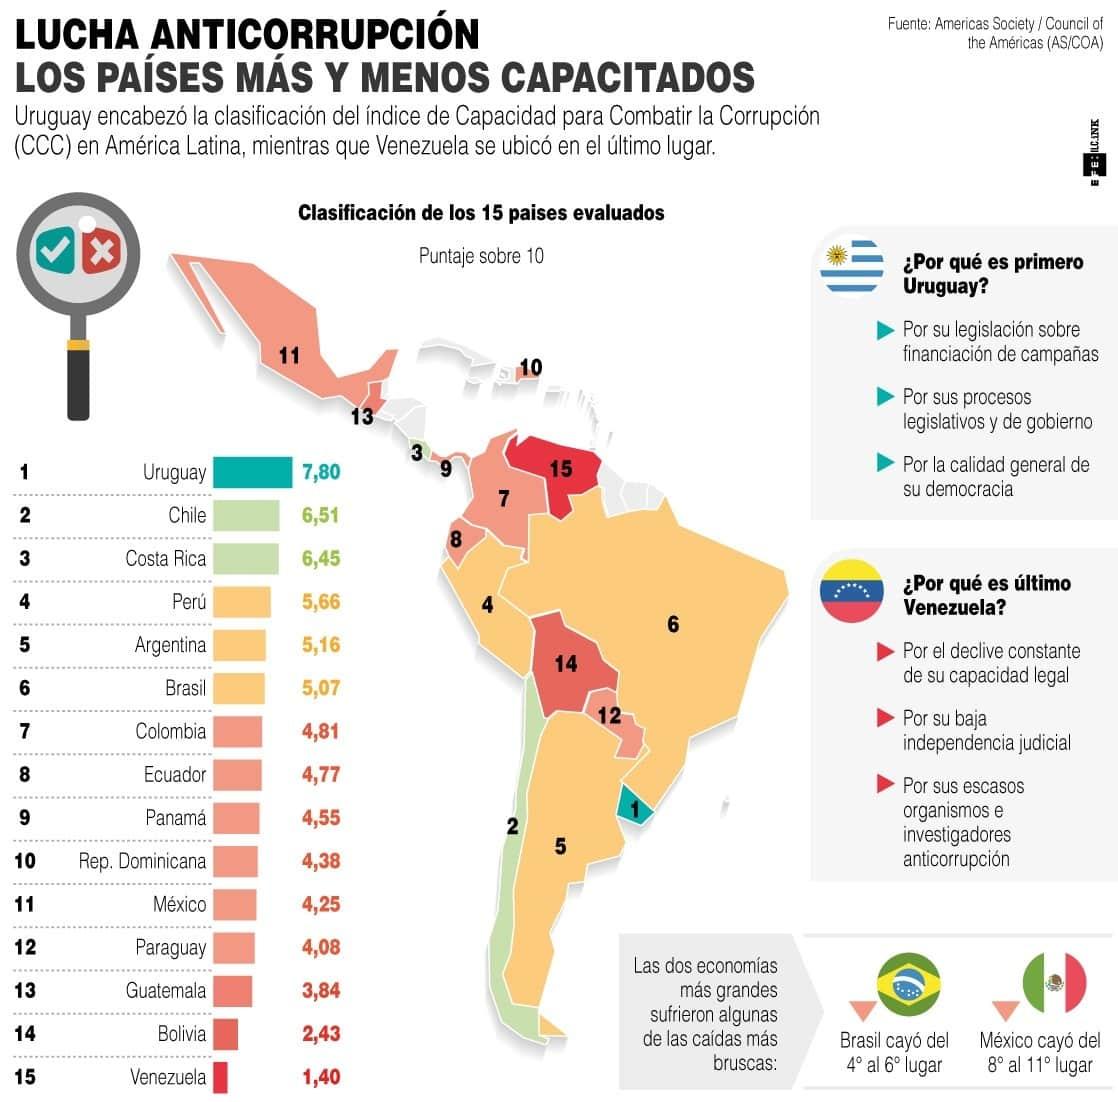 [Infografía] La pandemia retrasa más la lucha contra la corrupción en América Latina 1